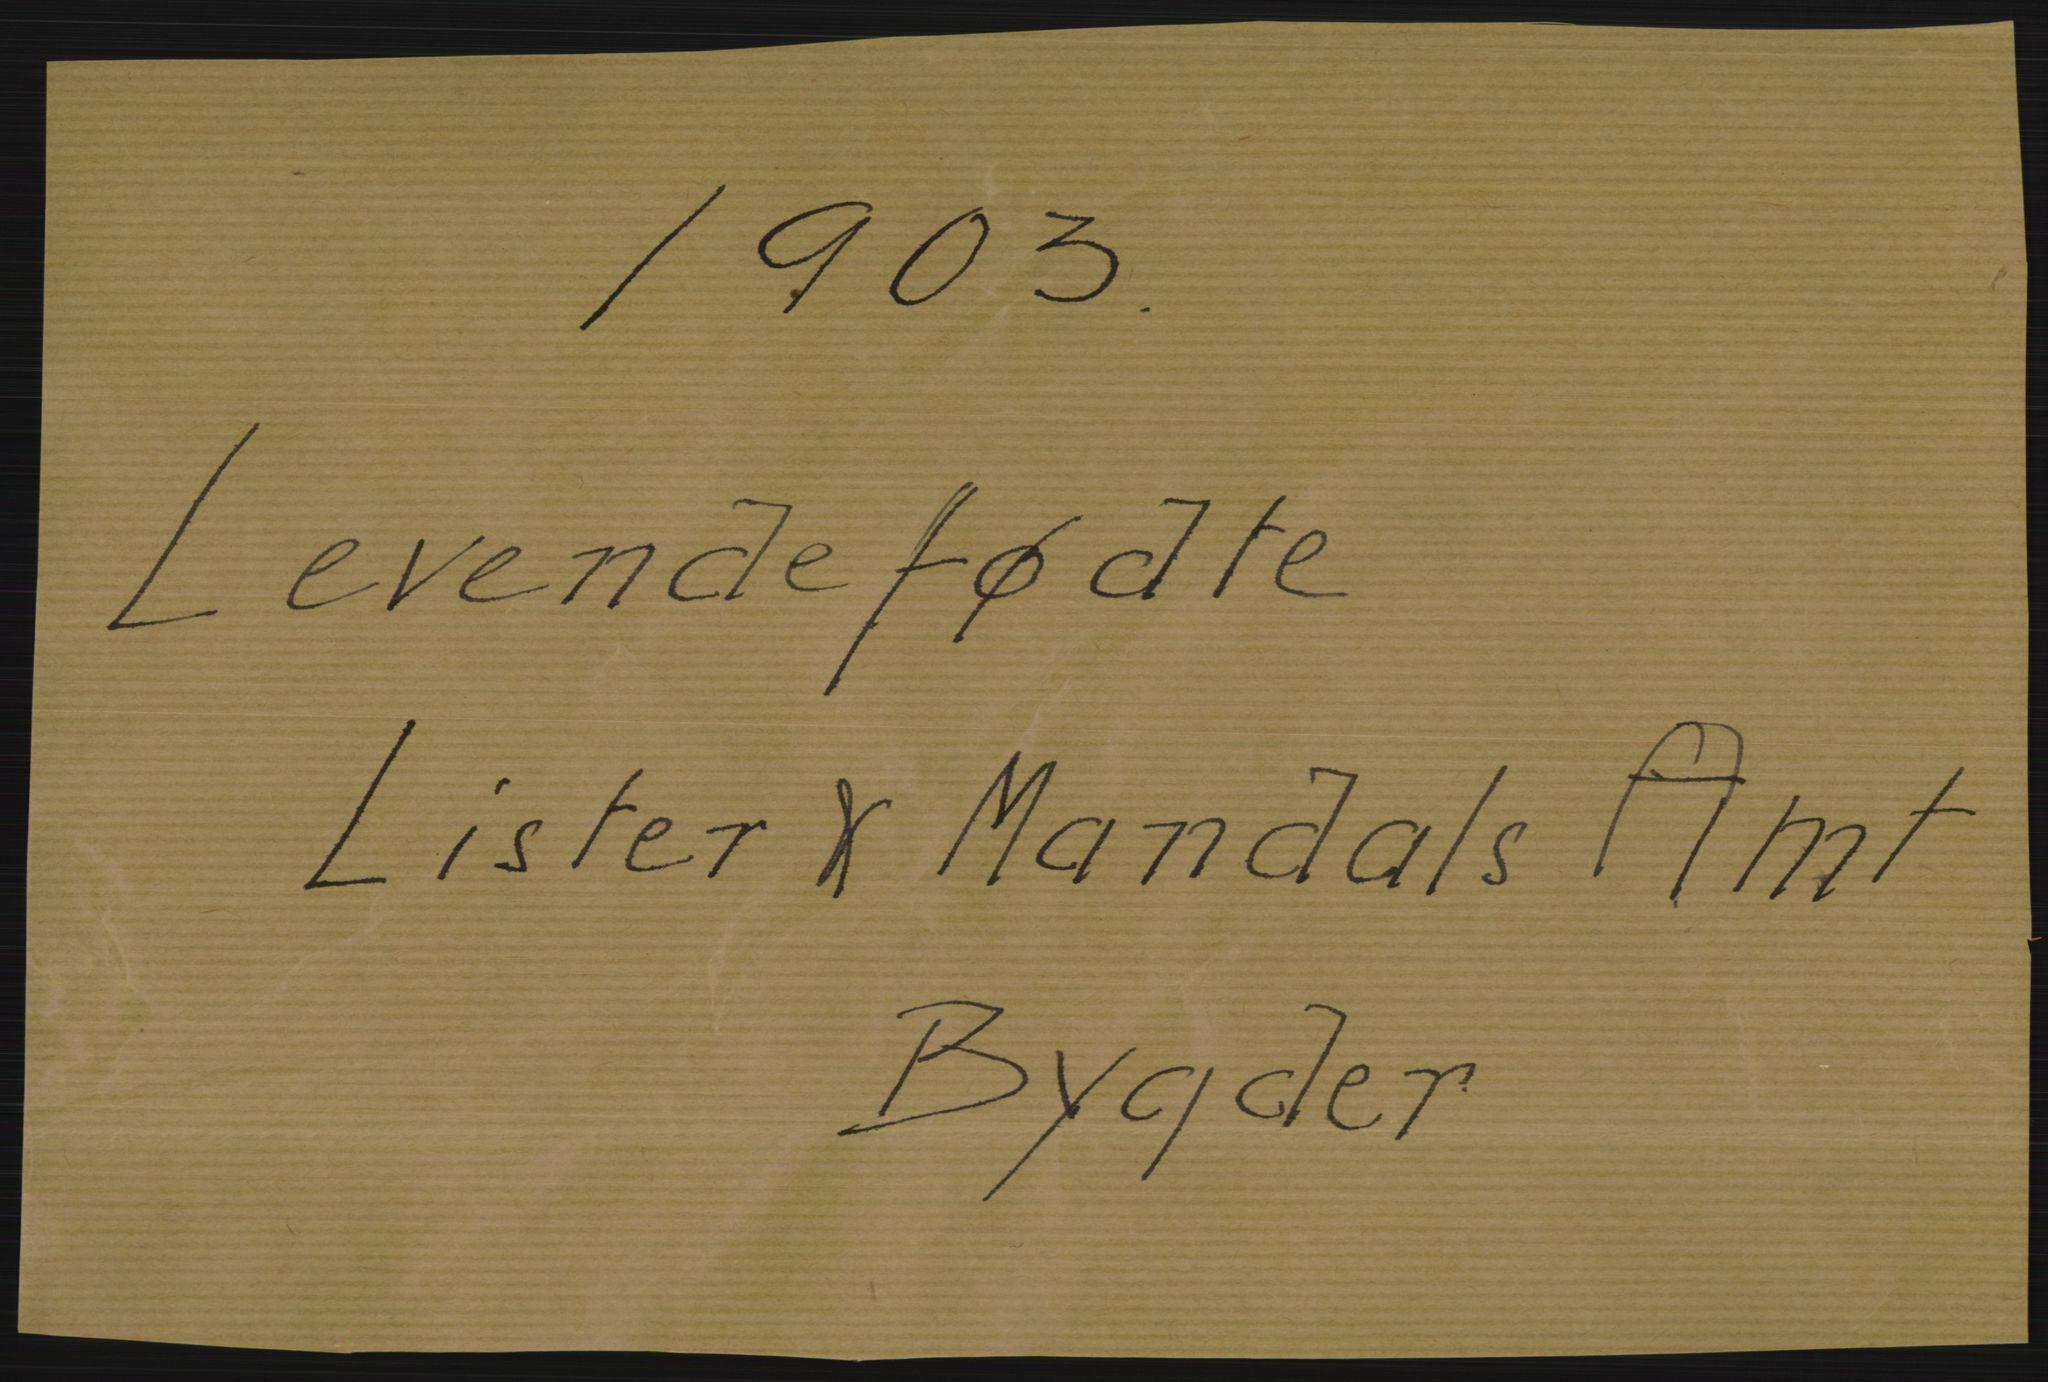 RA, Statistisk sentralbyrå, Sosiodemografiske emner, Befolkning, D/Df/Dfa/Dfaa/L0011: Lister og Mandal amt: Fødte, gifte, døde, 1903, s. 1